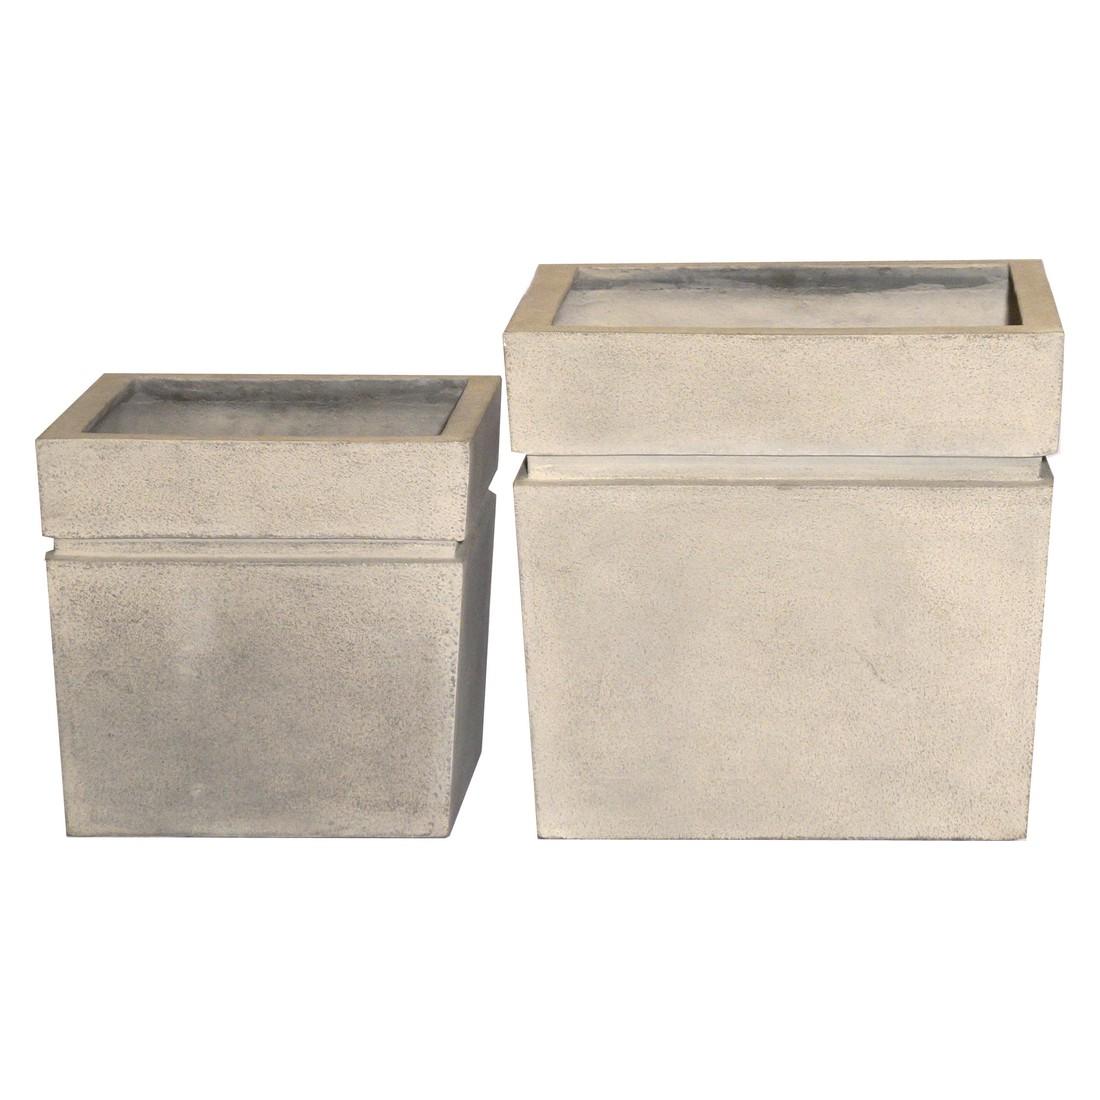 pflanzk bel cornish stone kunststoff modern eckig 56 cm45 cm viducci 39 s garden g nstig. Black Bedroom Furniture Sets. Home Design Ideas